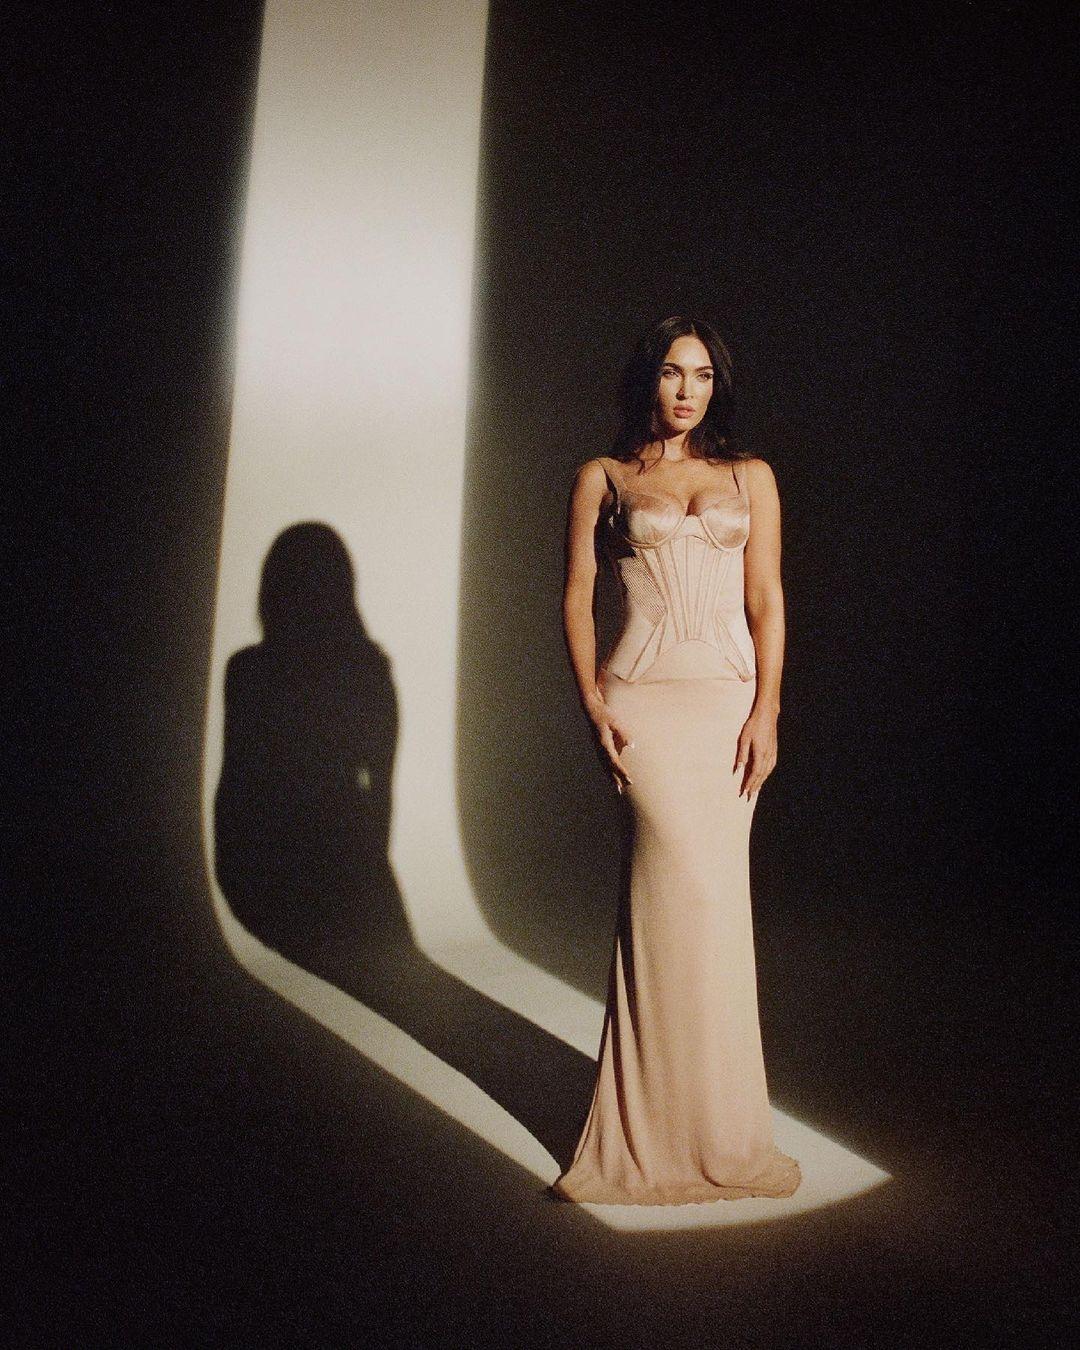 Меган Фокс снялась в эффектной фотосессии и рассказала о своем возвращении в шоу-бизнес (ФОТО) - фото №5